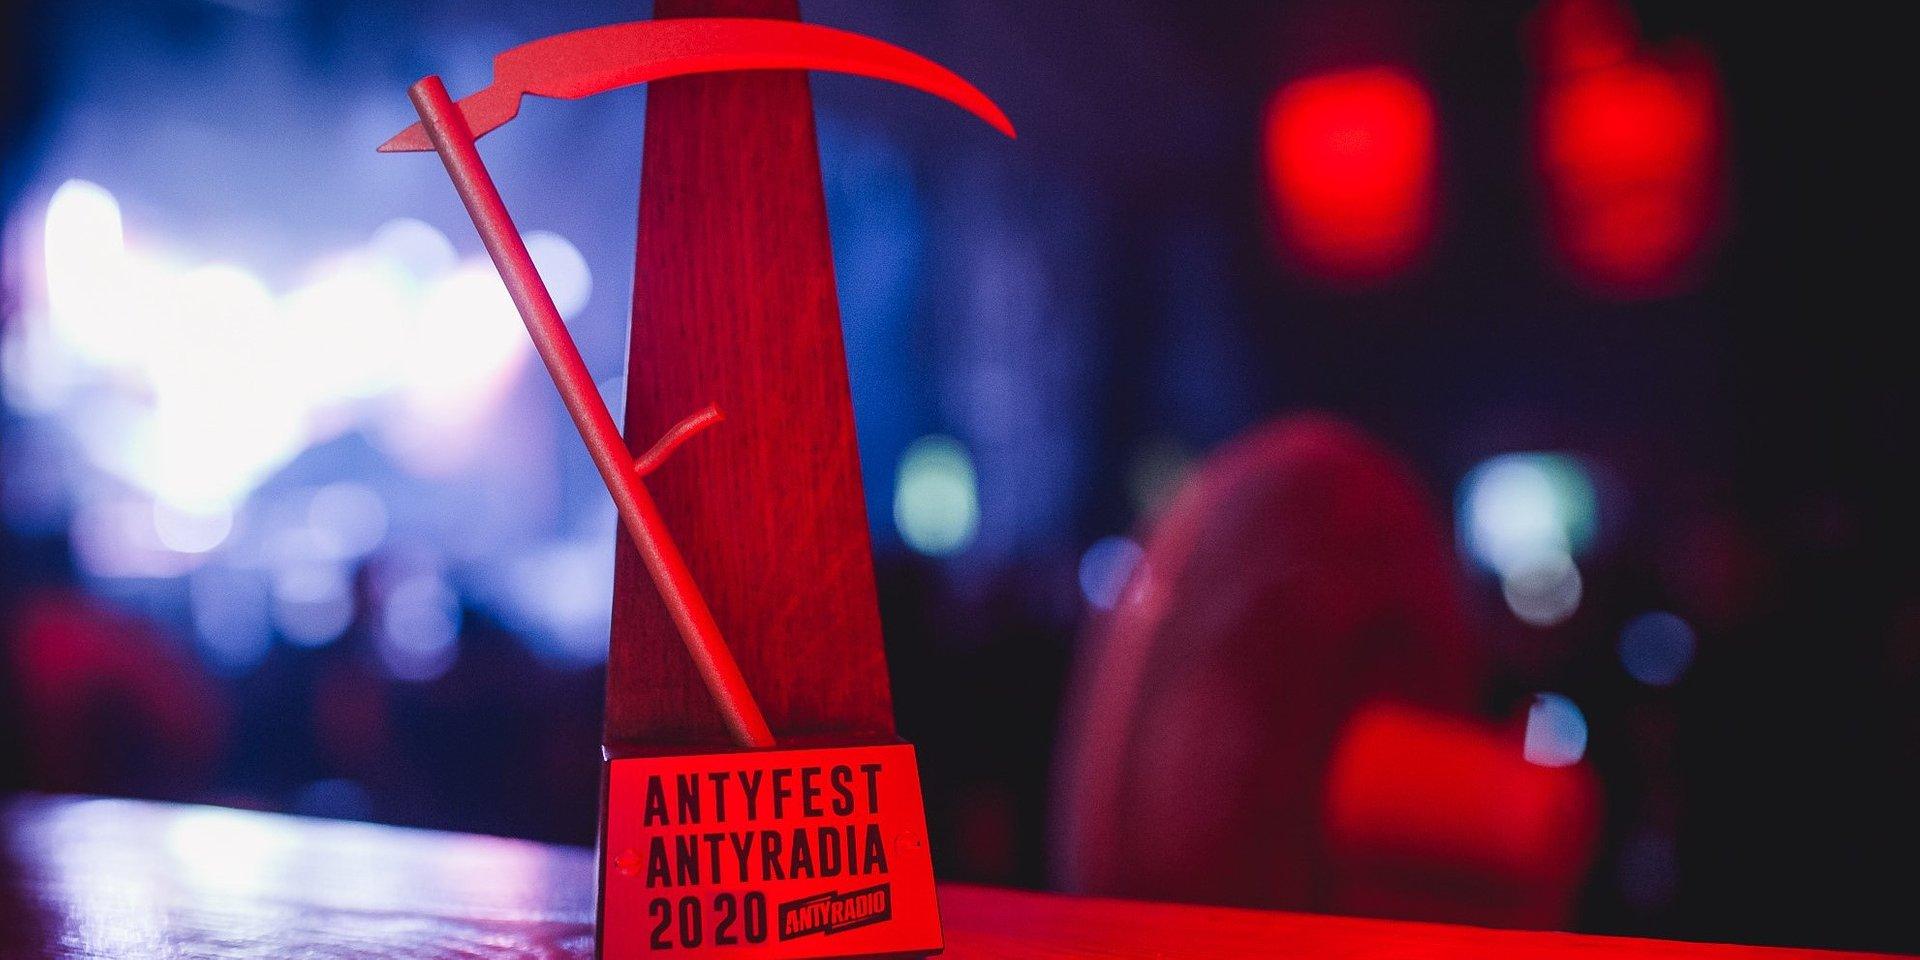 GraVity Off zwycięzcą Antyfestu Antyradia 2020